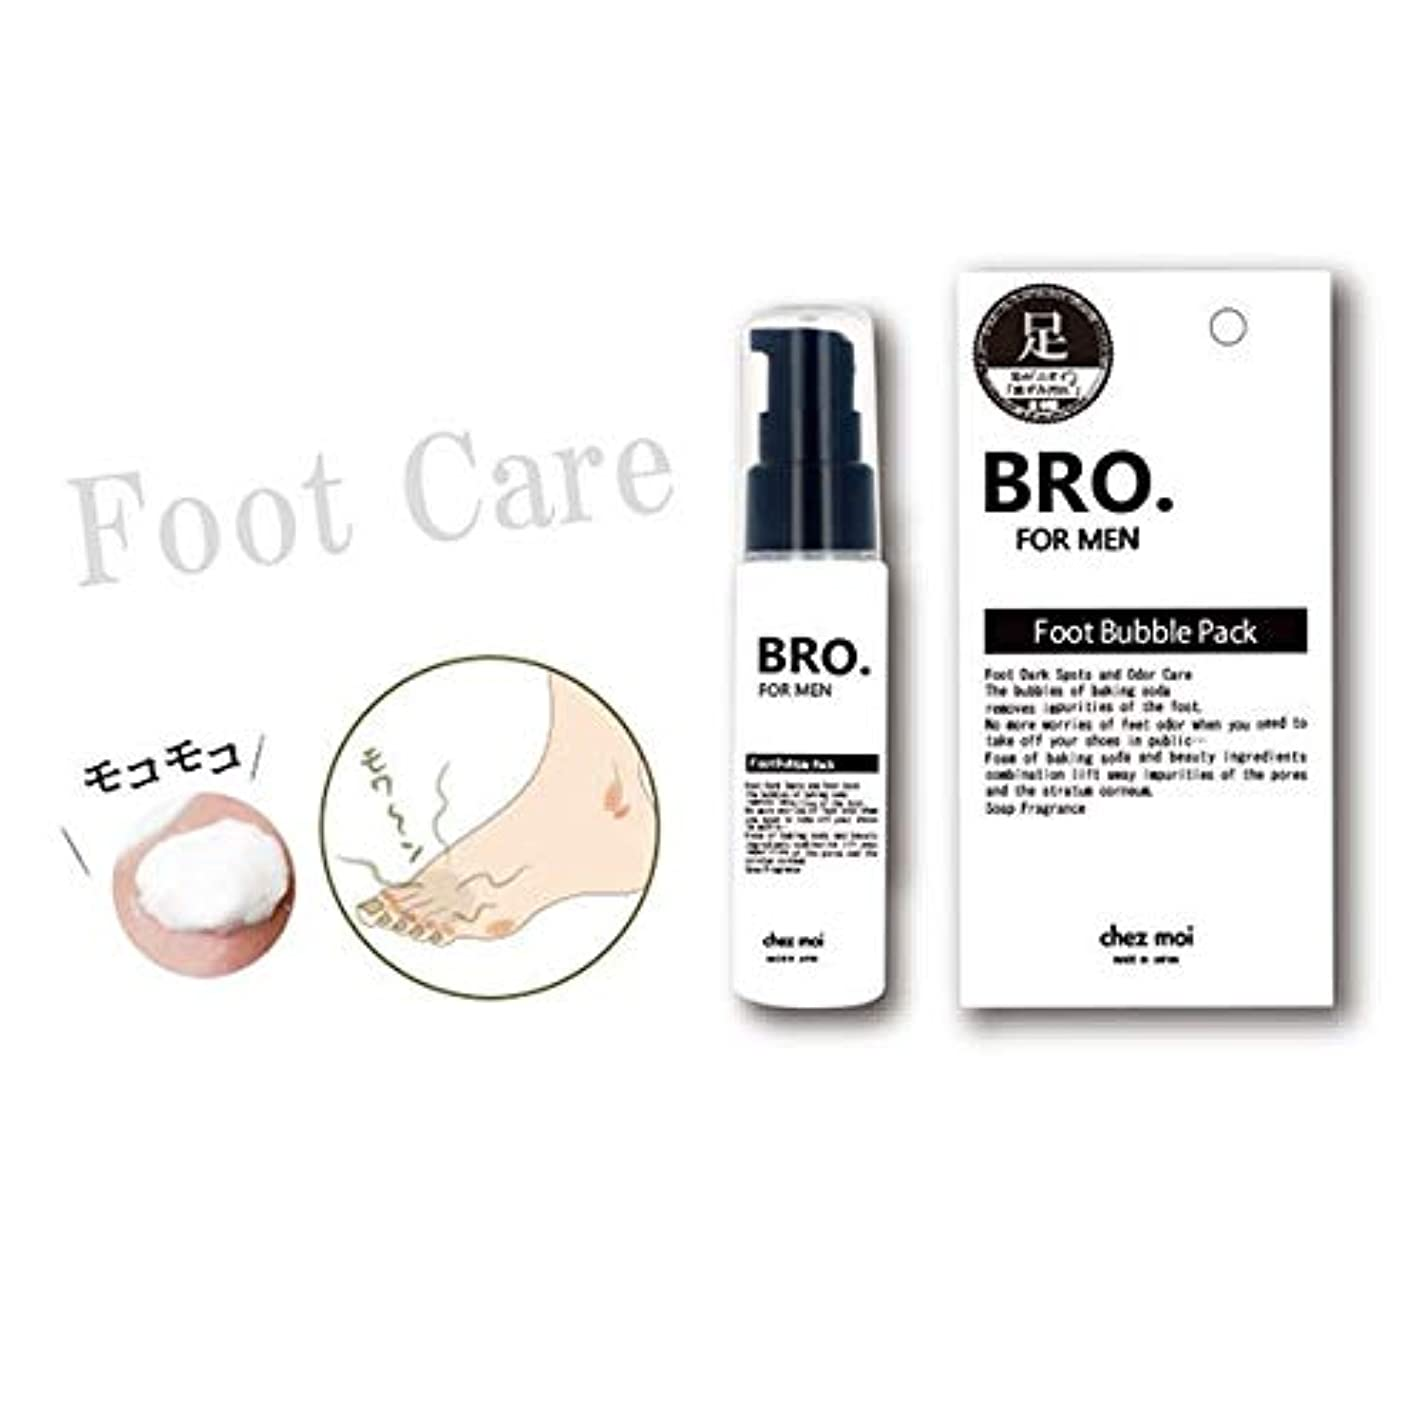 余計な原稿事シェモア BRO. FOR MEN Foot Bubble Pack 30g